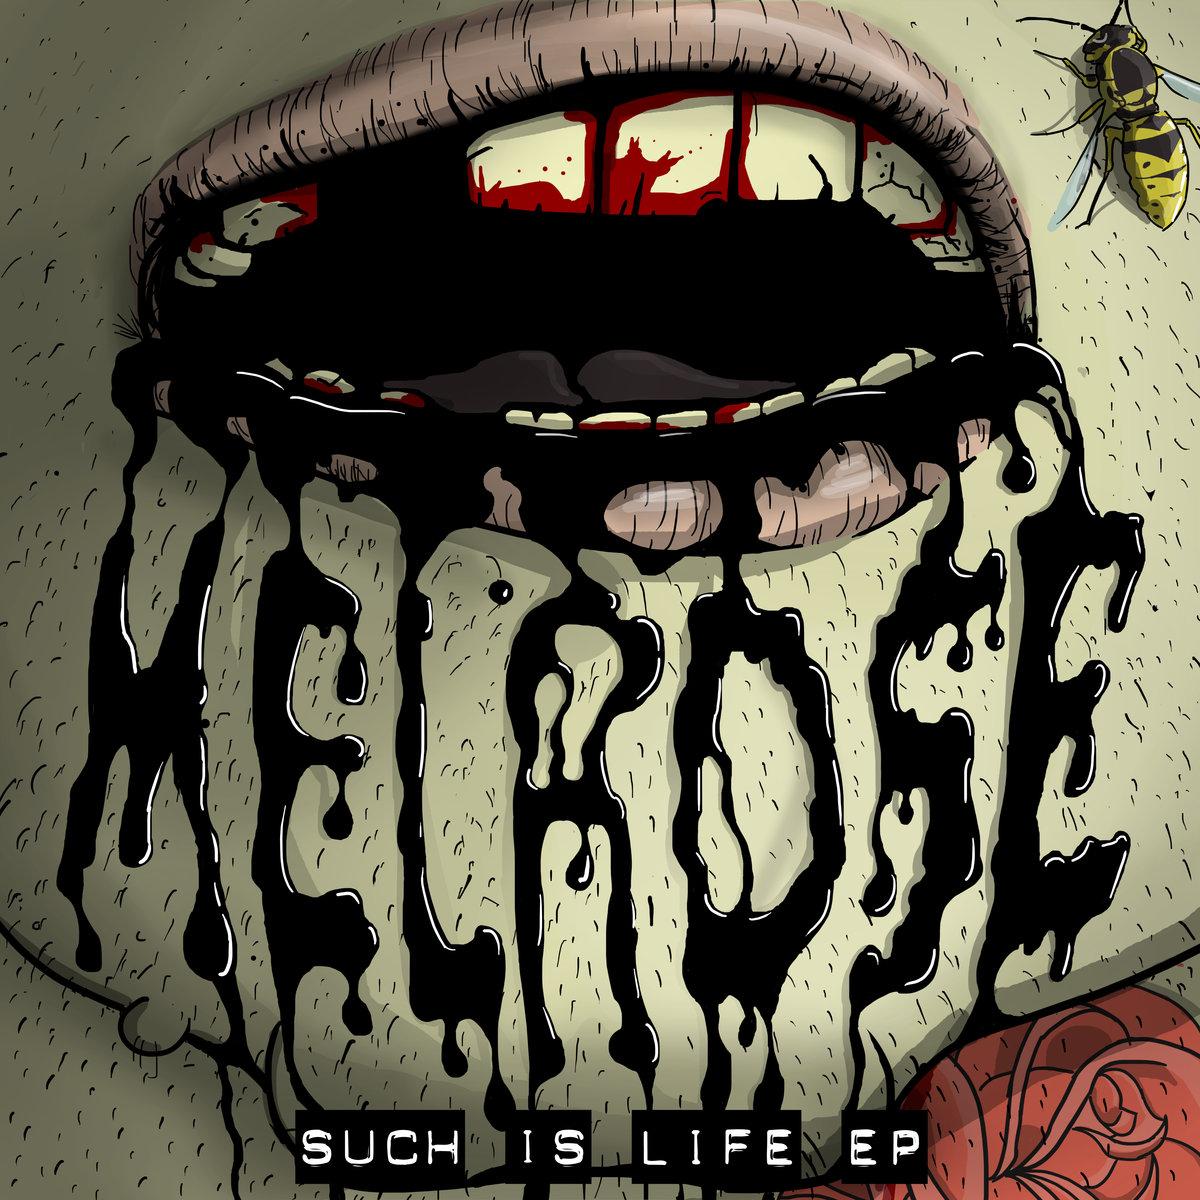 ただのイージコアという枠では収まらない存在感!UKのポップパンクバンド「Melrose」がニューEPをリリース!